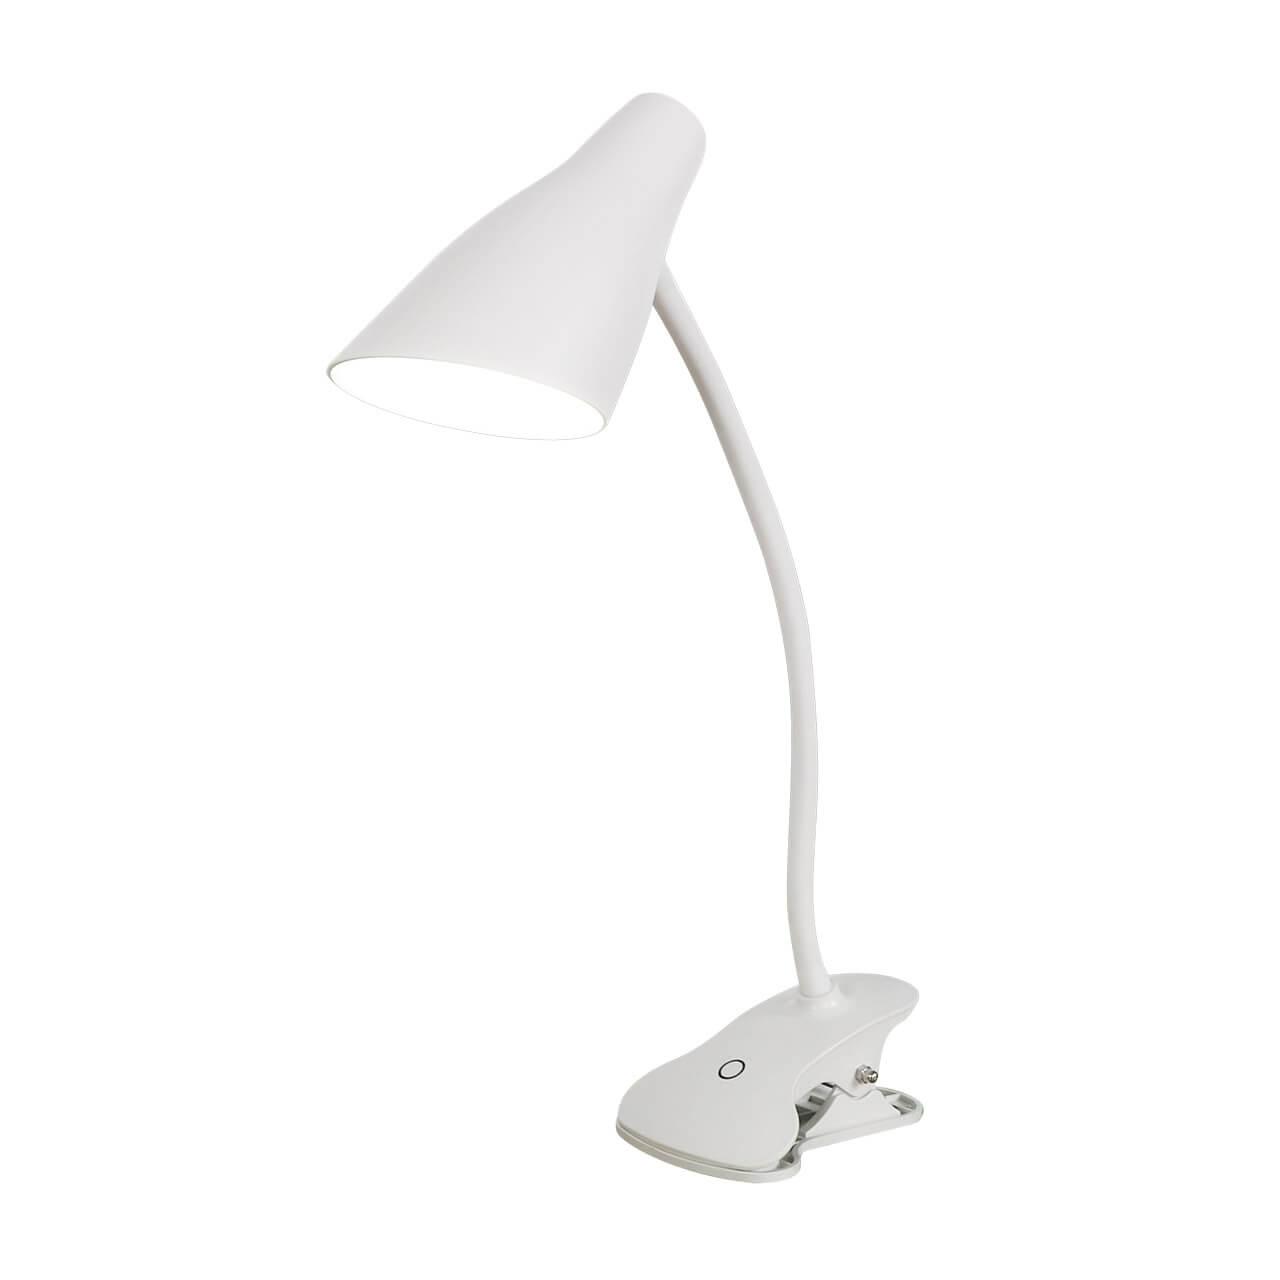 Настольная лампа Uniel TLD-563 White/LED/360Lm/4500K/Dimmer TLD-562 (Сенсорное управление) настольная лампа uniel tld 524 black led 500lm 4500k dimmer tld 524 сенсорное управление